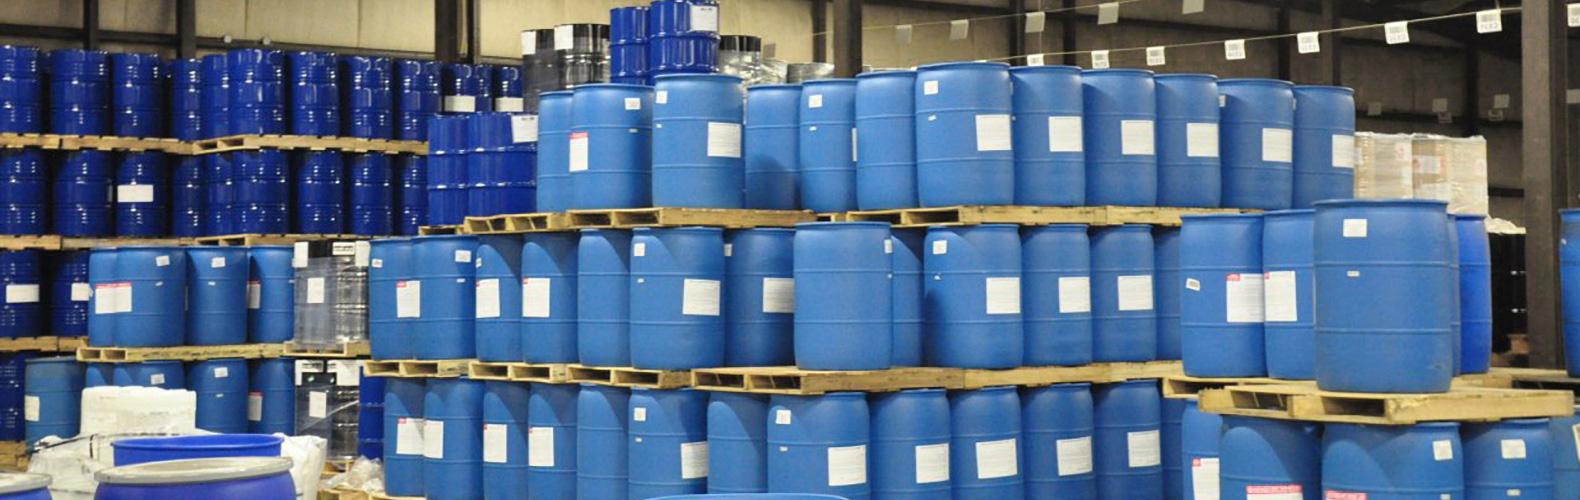 桶装液体添加剂仓库